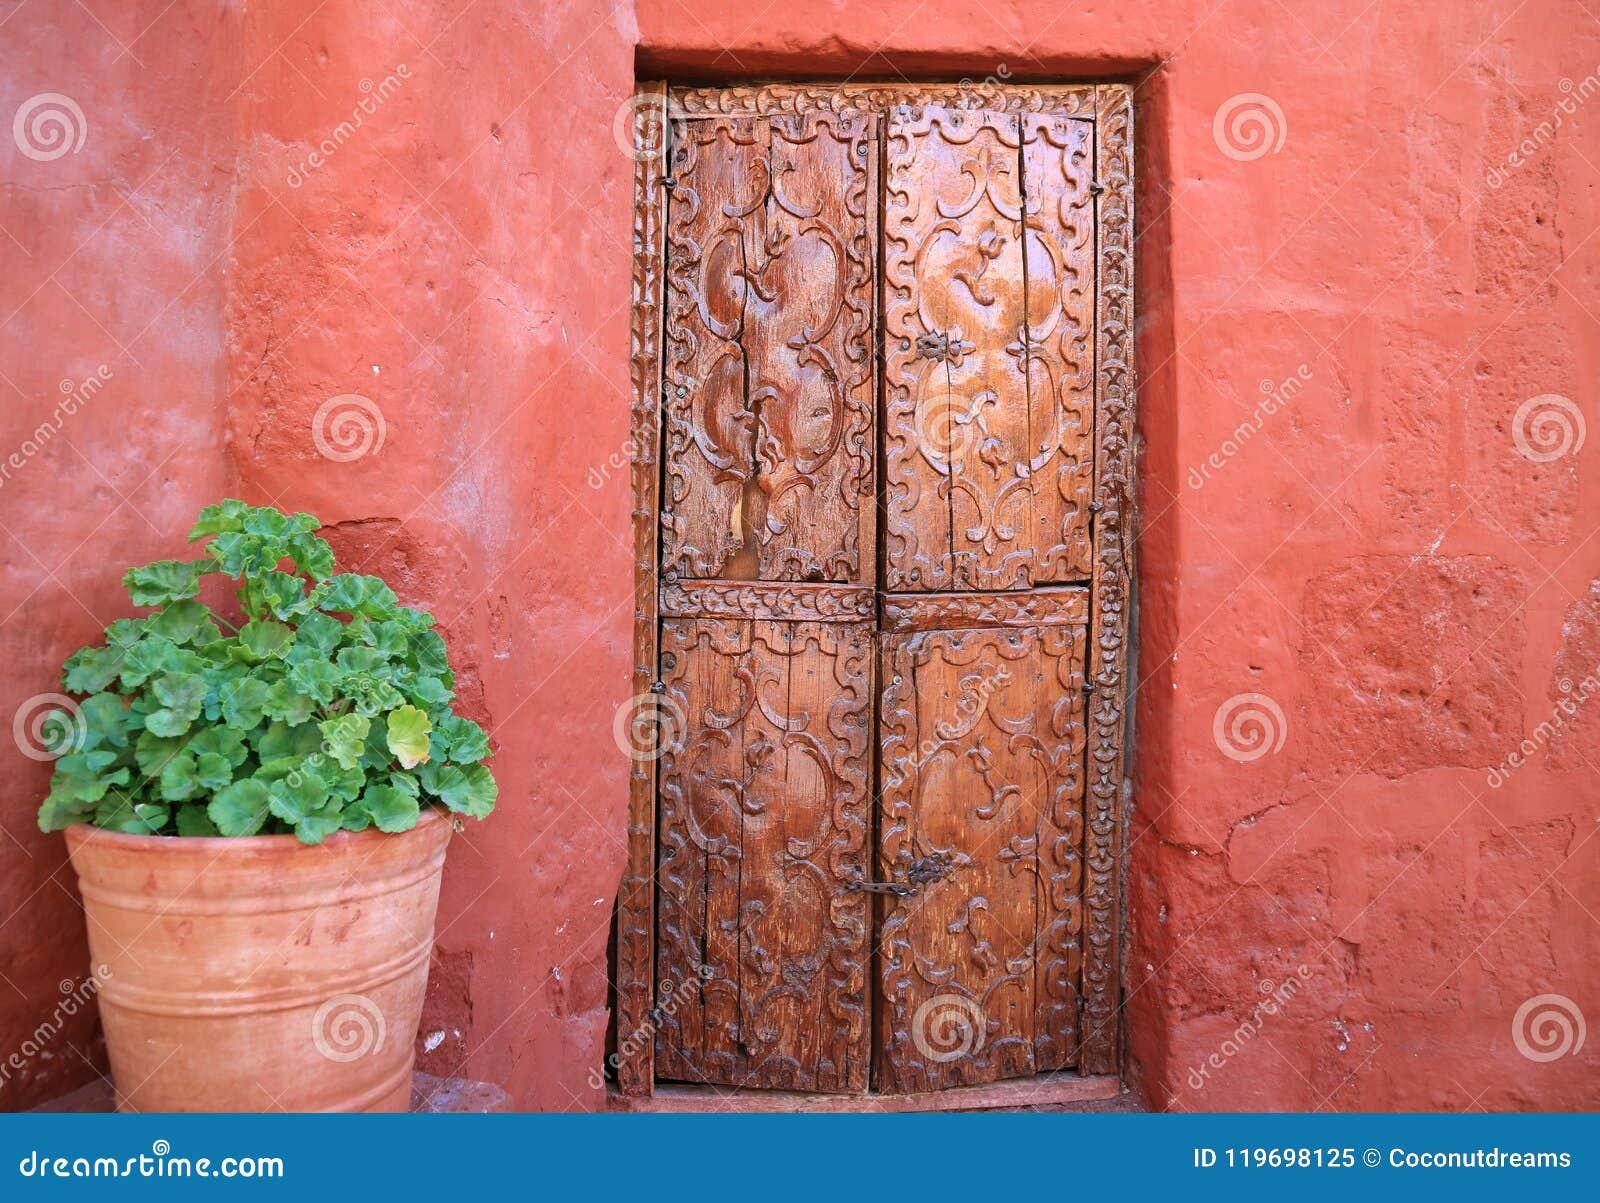 在橙红颜色粗砺的墙壁上的老被雕刻的木门有一个大赤土陶器大农场主的在圣卡塔利娜修道院里